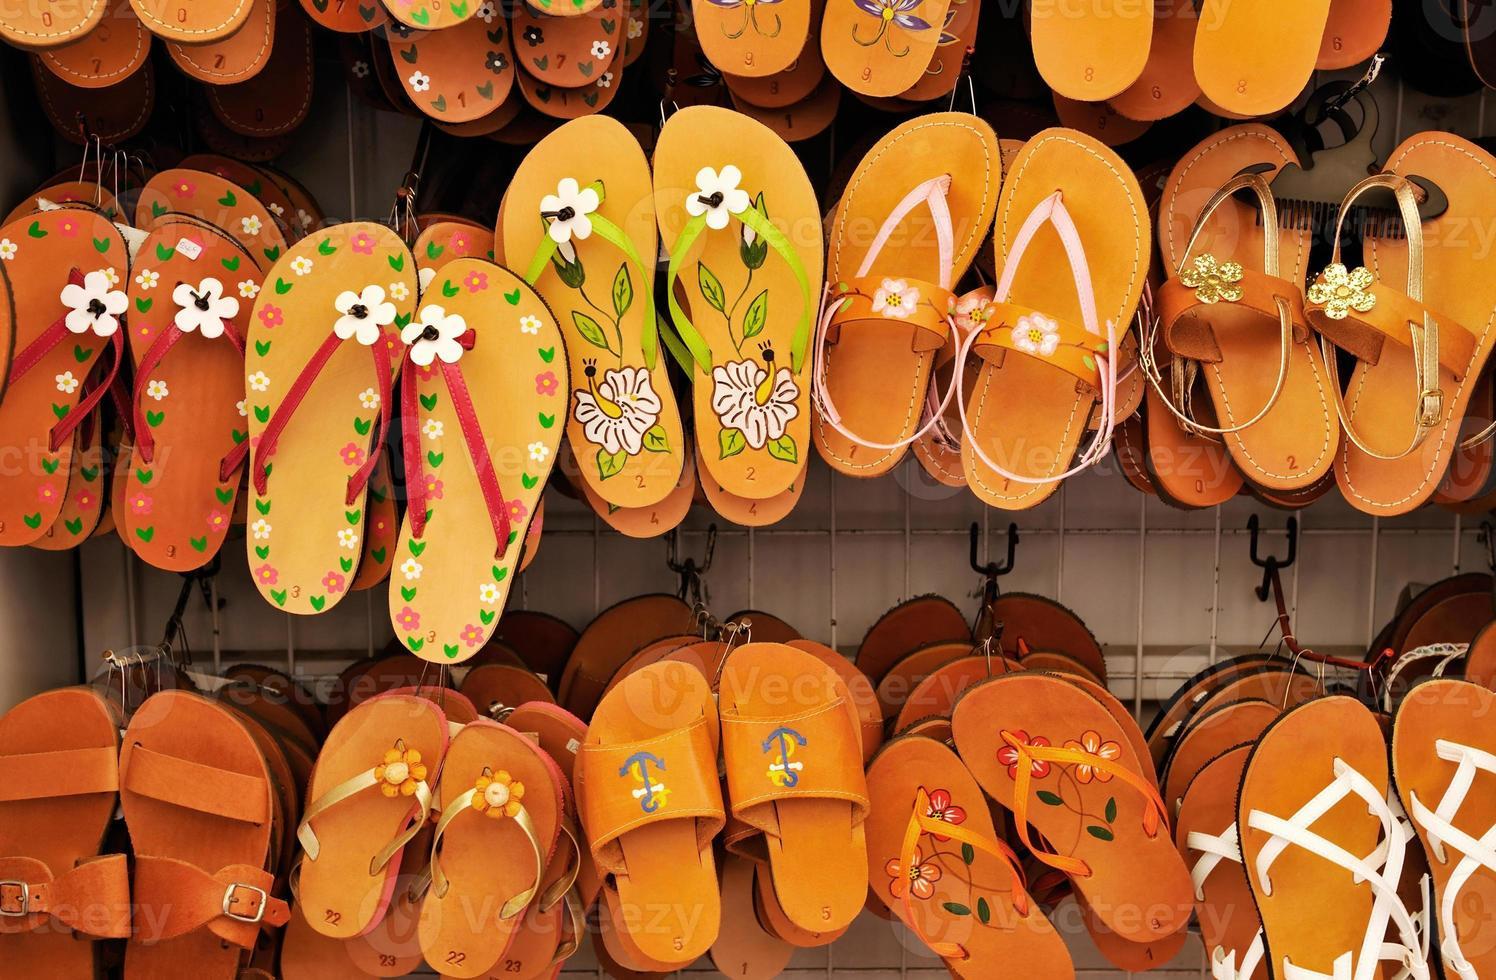 estante con sandalias foto